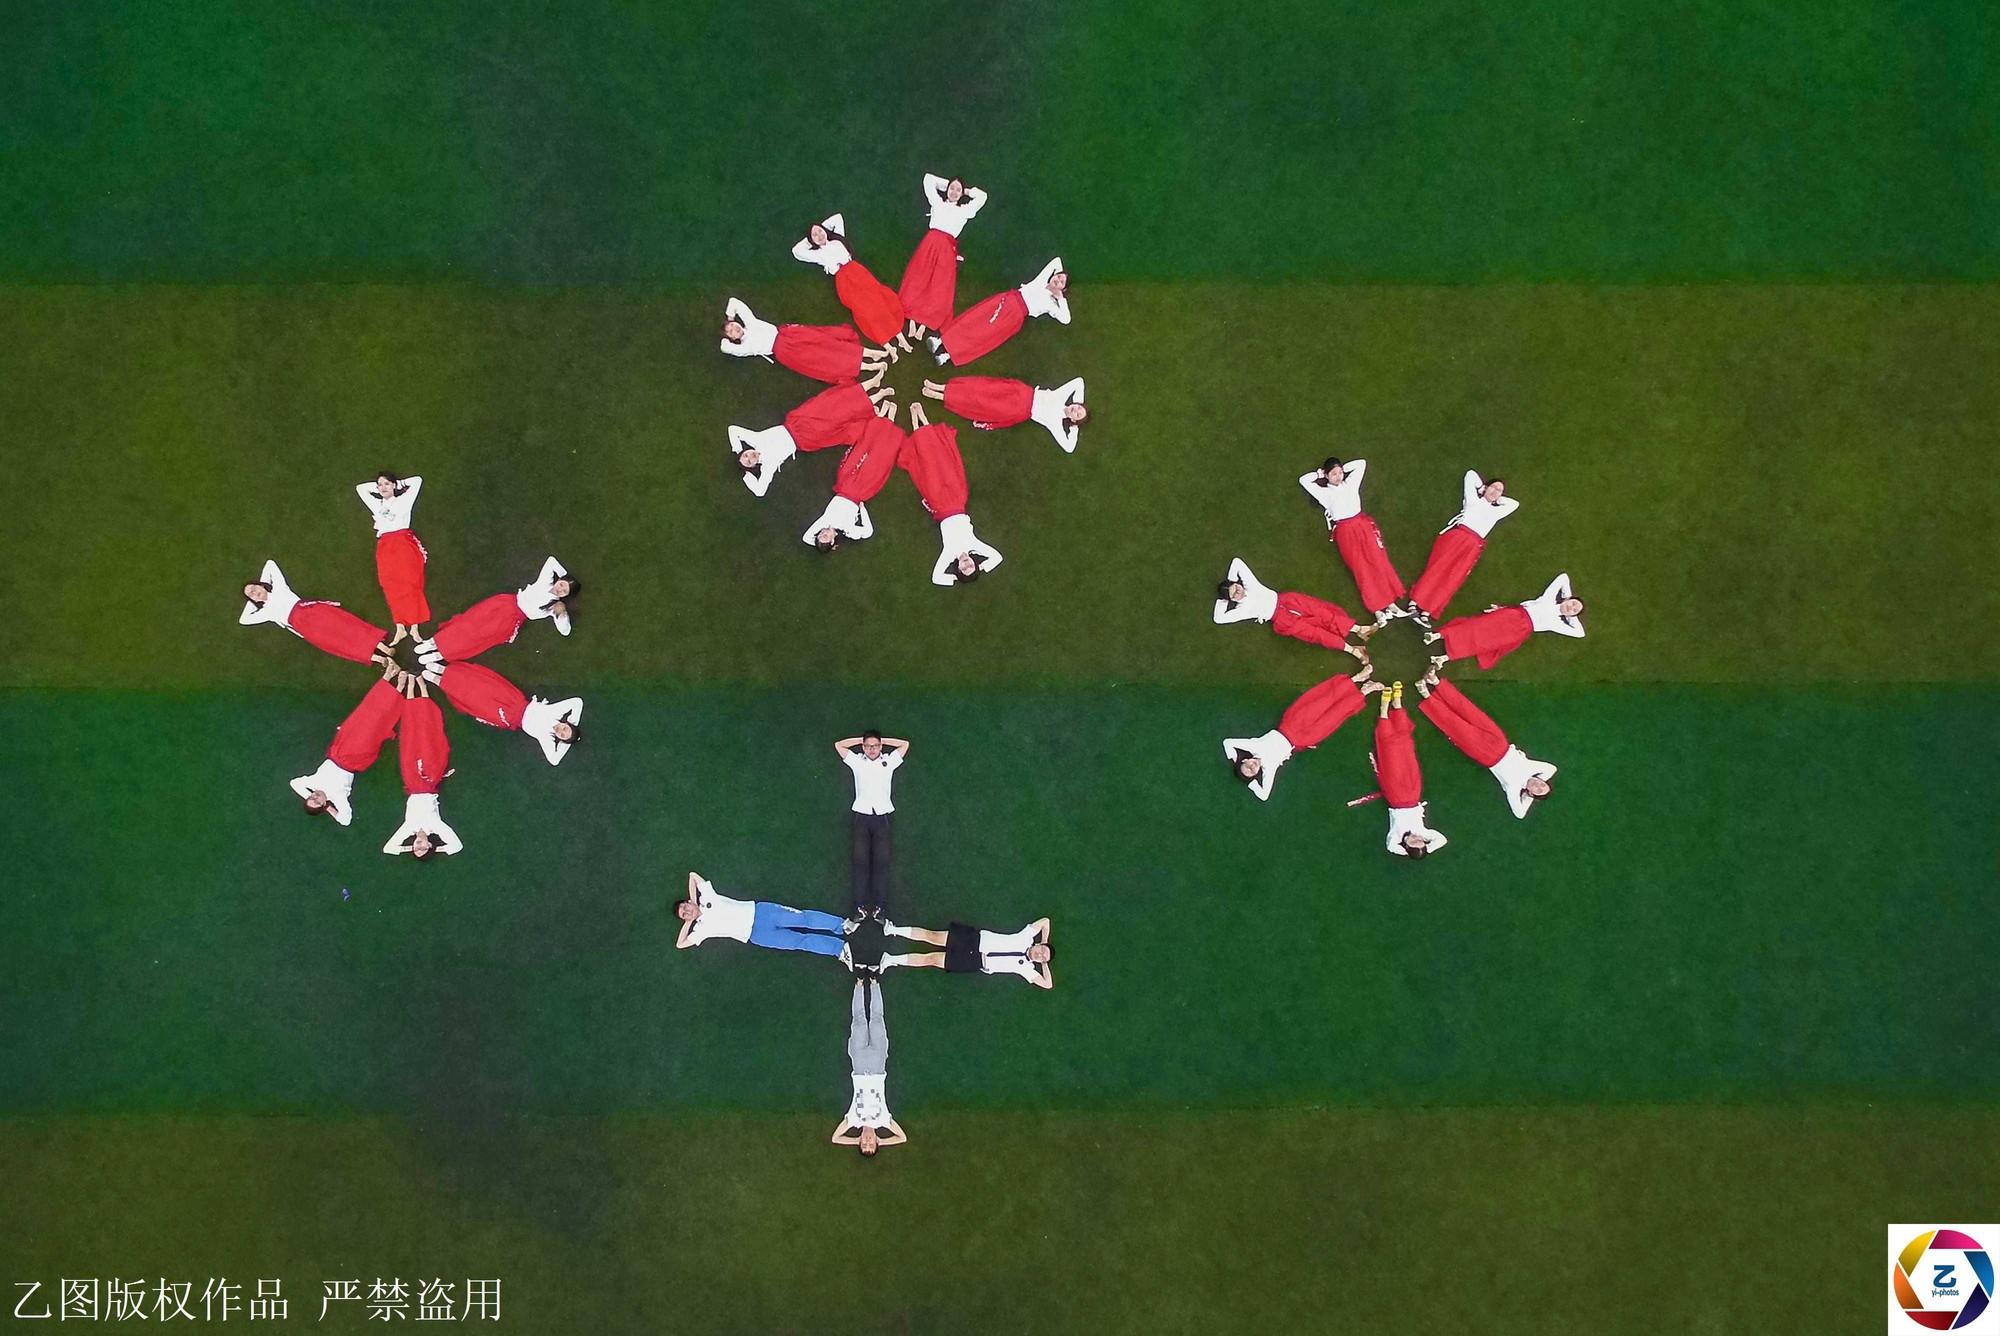 Kỷ yếu của học sinh Trung Quốc: Lầy lội nhưng sáng tạo và chất không kém Việt Nam - Ảnh 4.